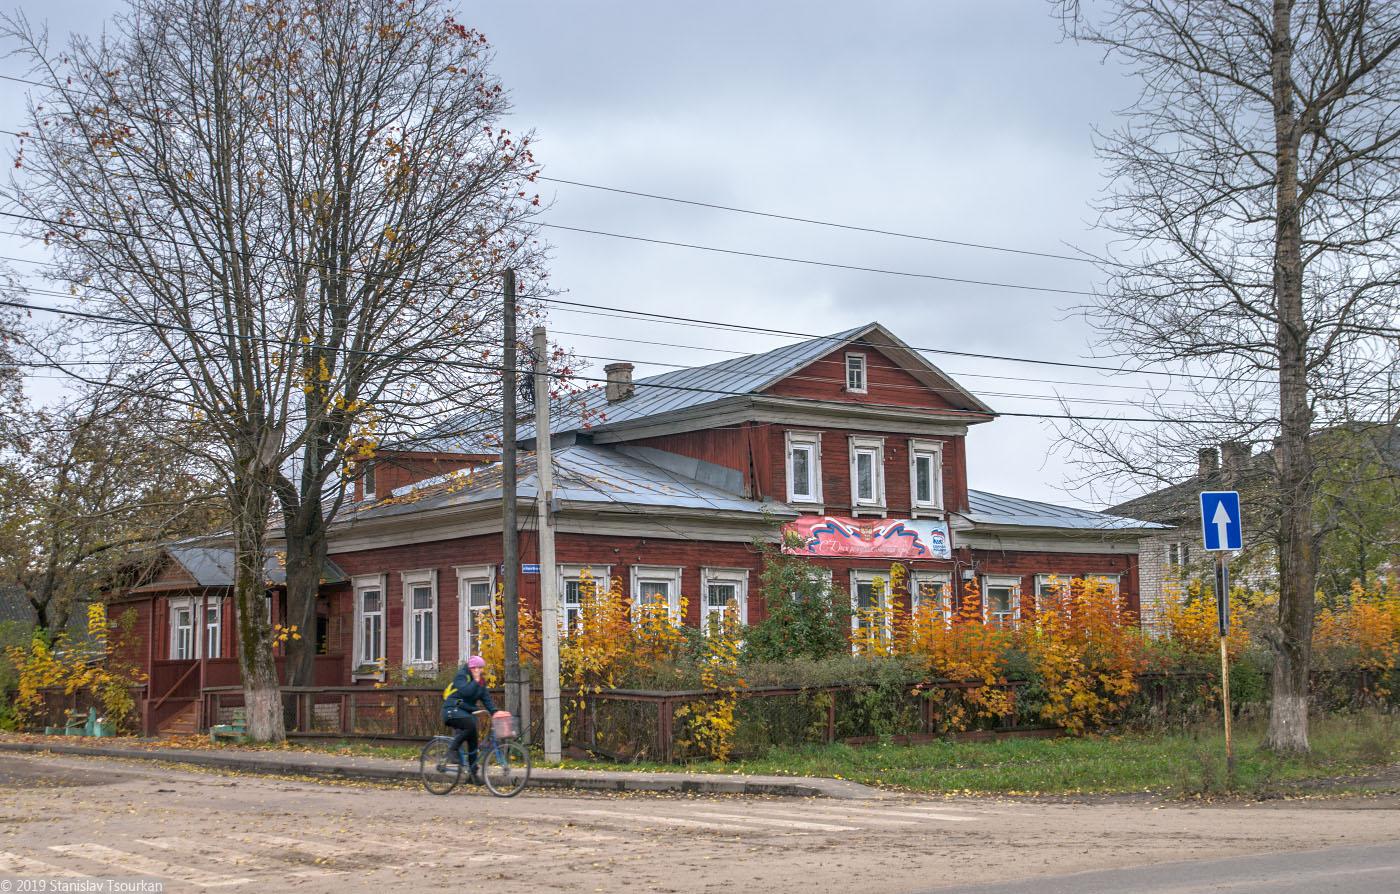 Весьегонск, Тверская область, администрация, городская администрация, особняк